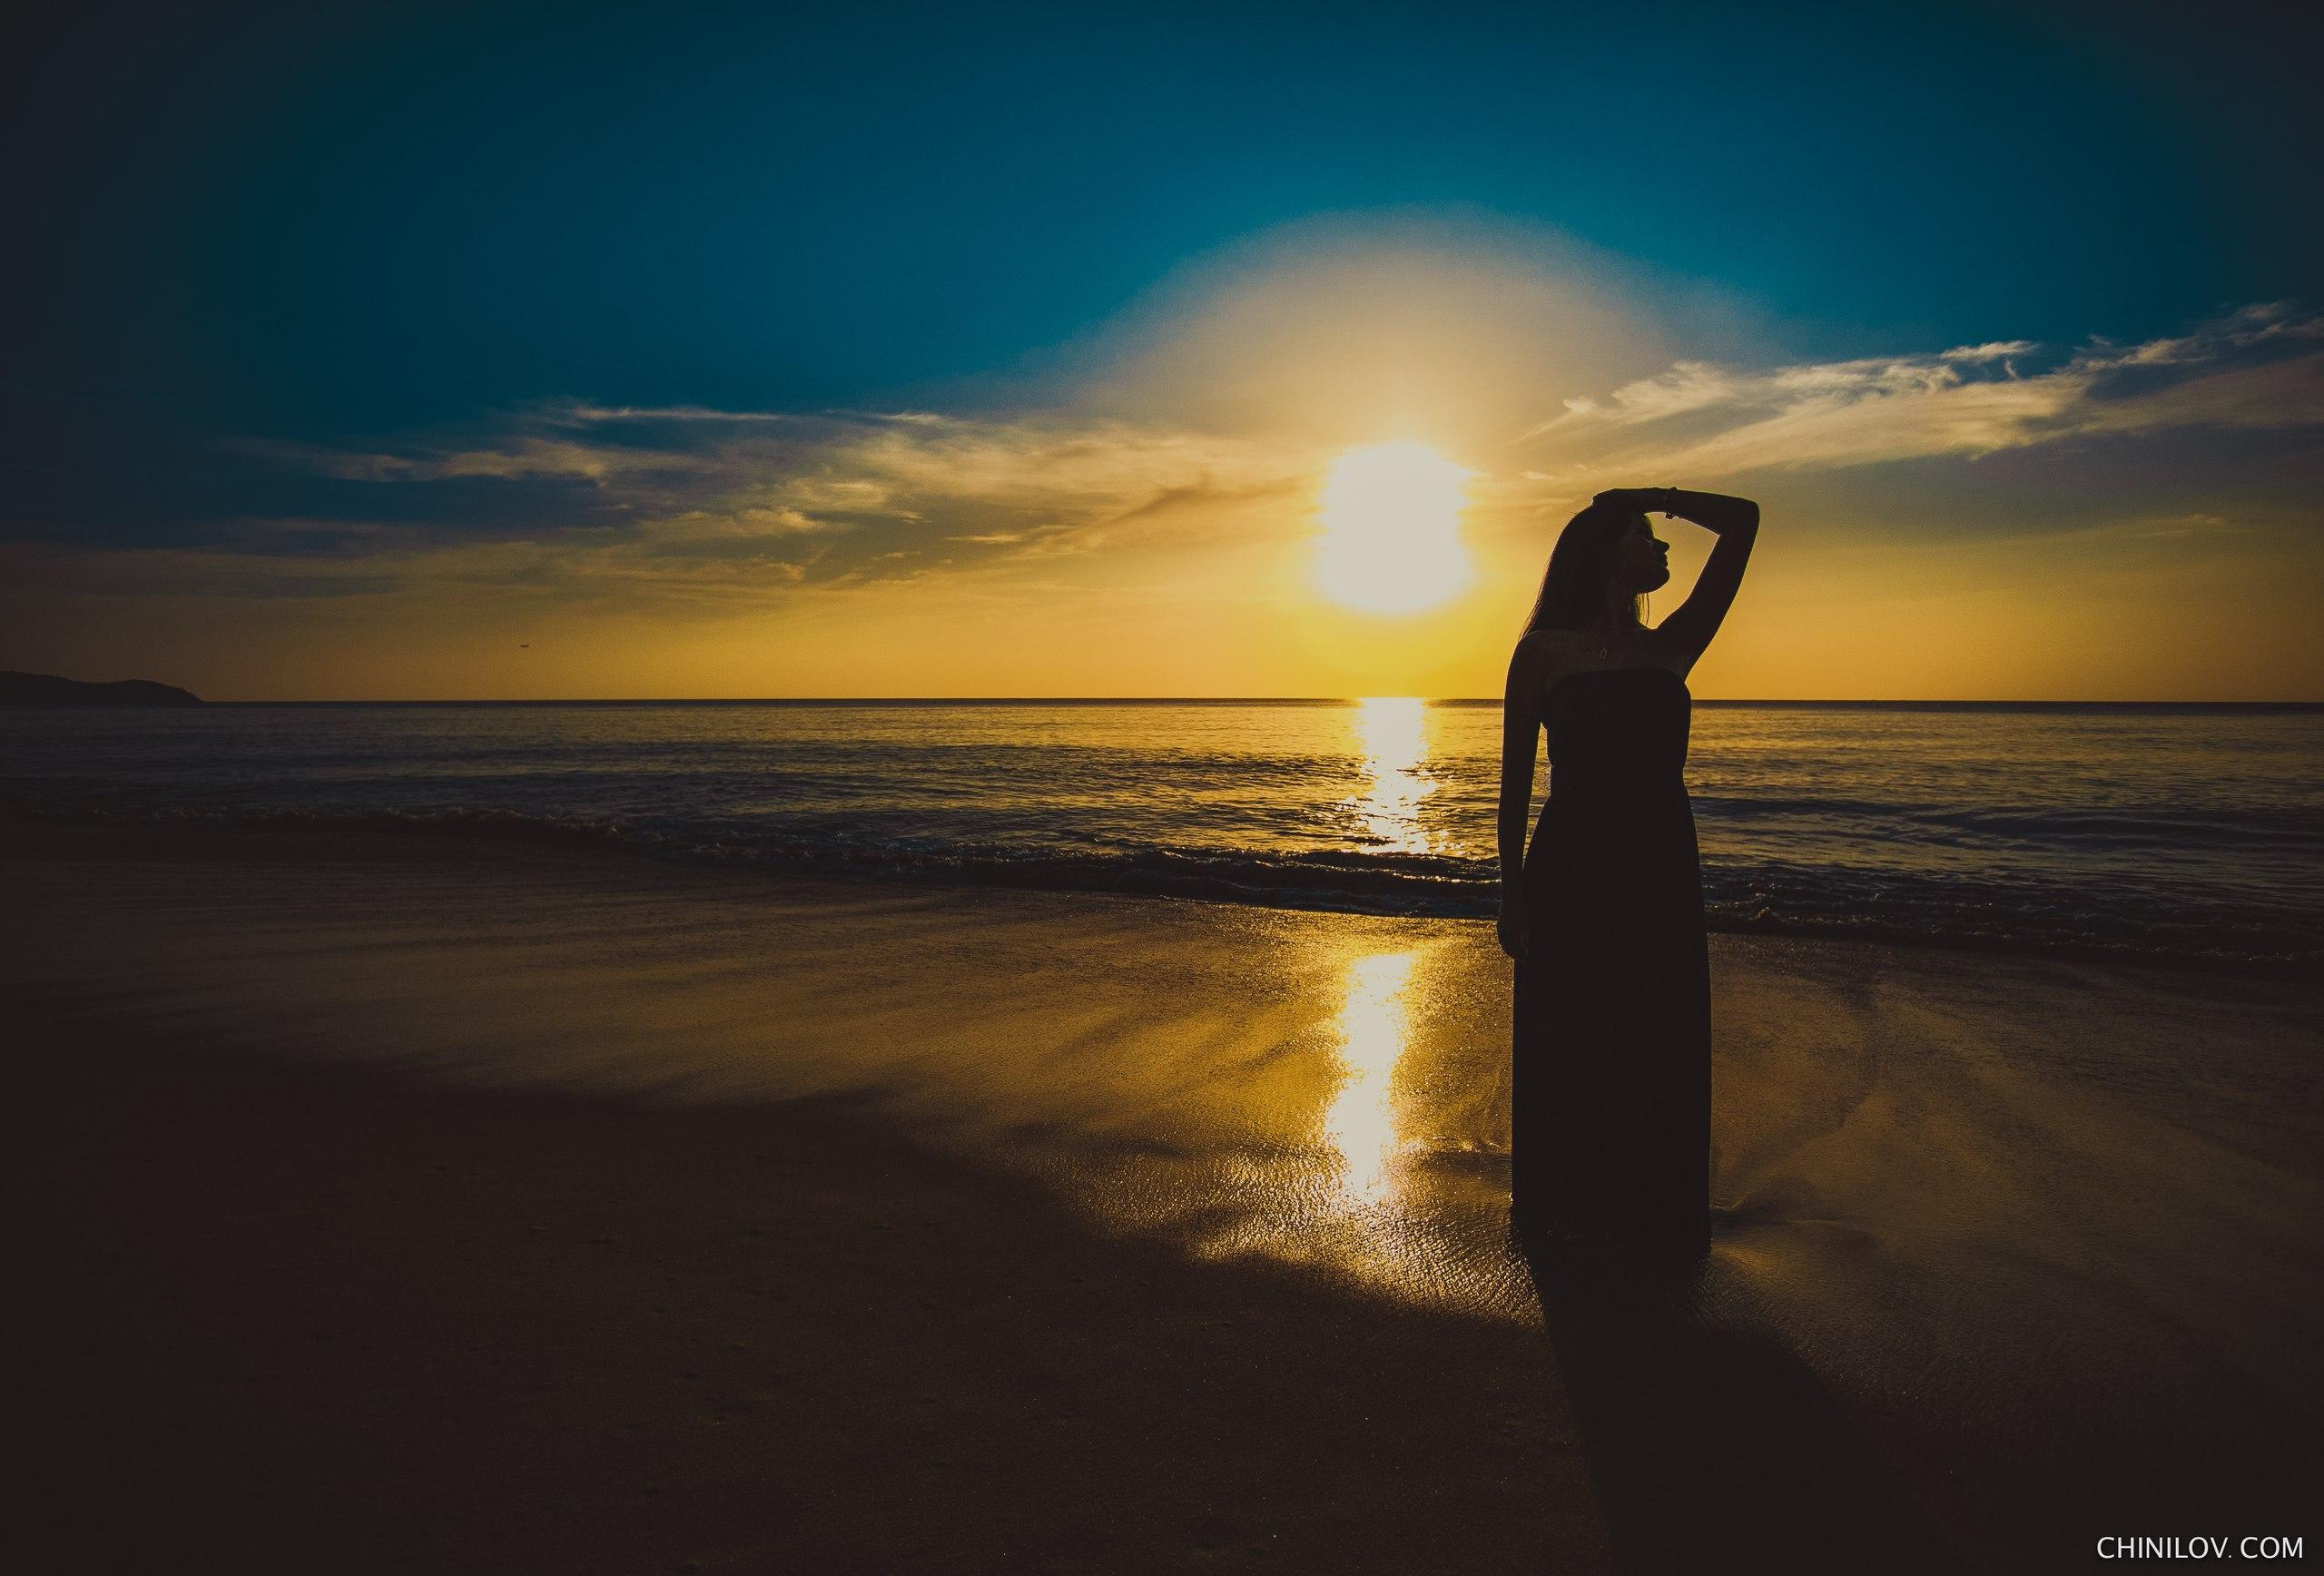 Fond d'écran : foncé, plage, ciel, bleu, lumière du soleil, Ivan Chinilov, bras en l'air, Femmes ...